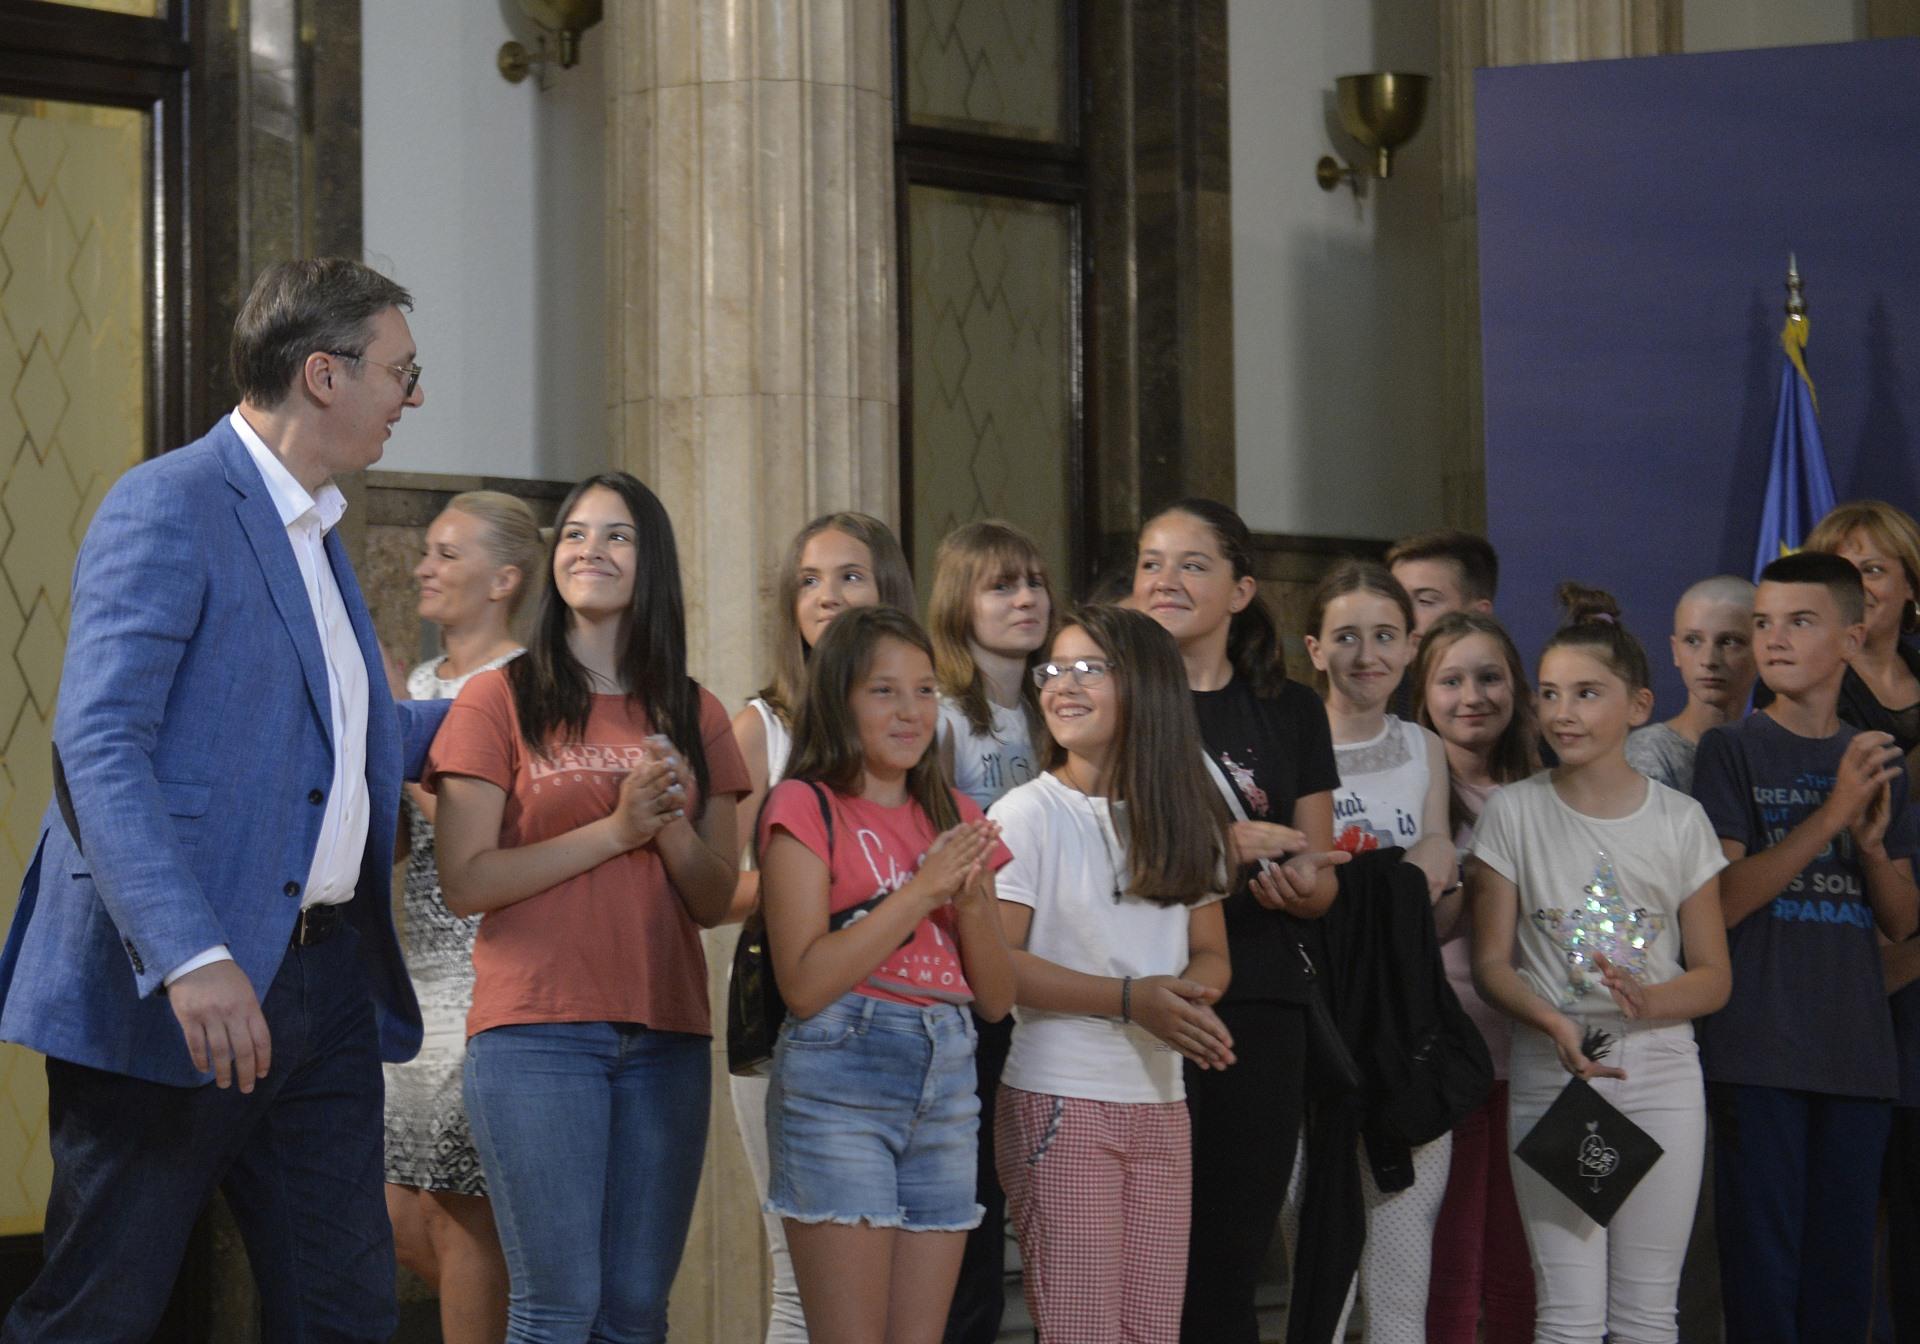 Predsednik Aleksandar Vucic ugostio je danas u zdanju na Andricevom vencu decu iz osnovnih skola sa severa Kosova i Metohije.